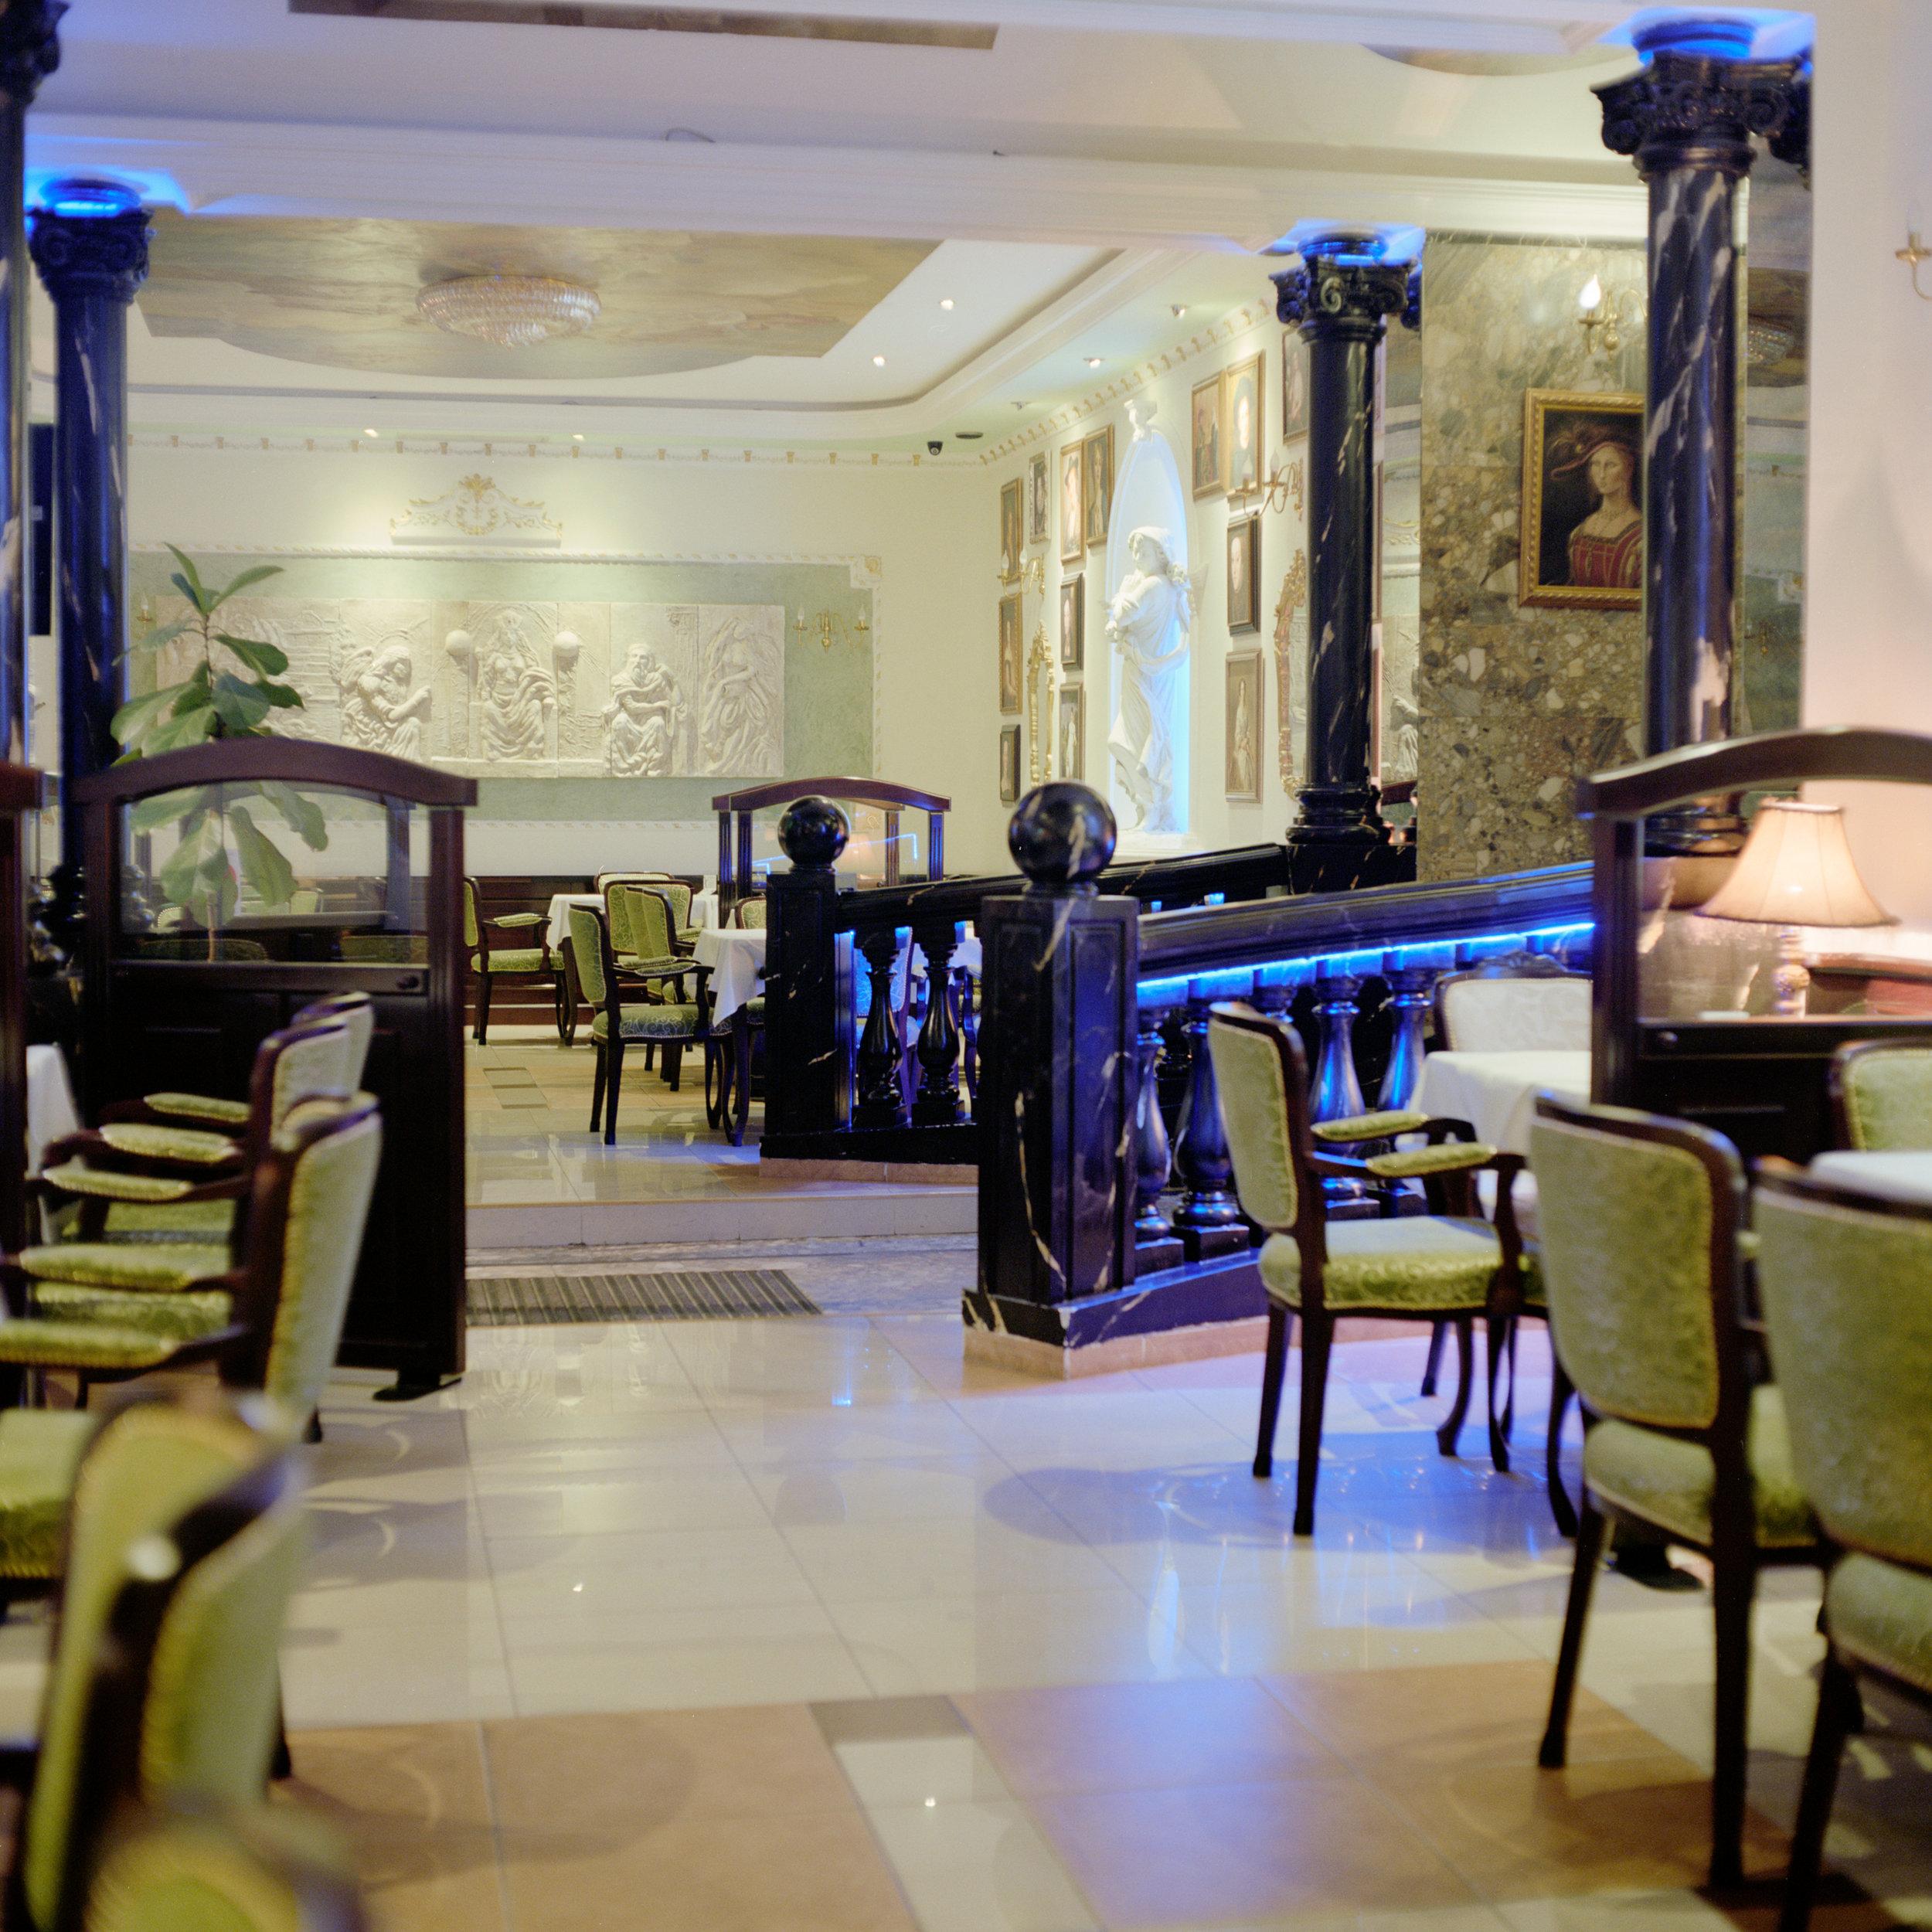 Hotel Astoria  2012 80cm x 80cm C-print  1/3 + 1 AP